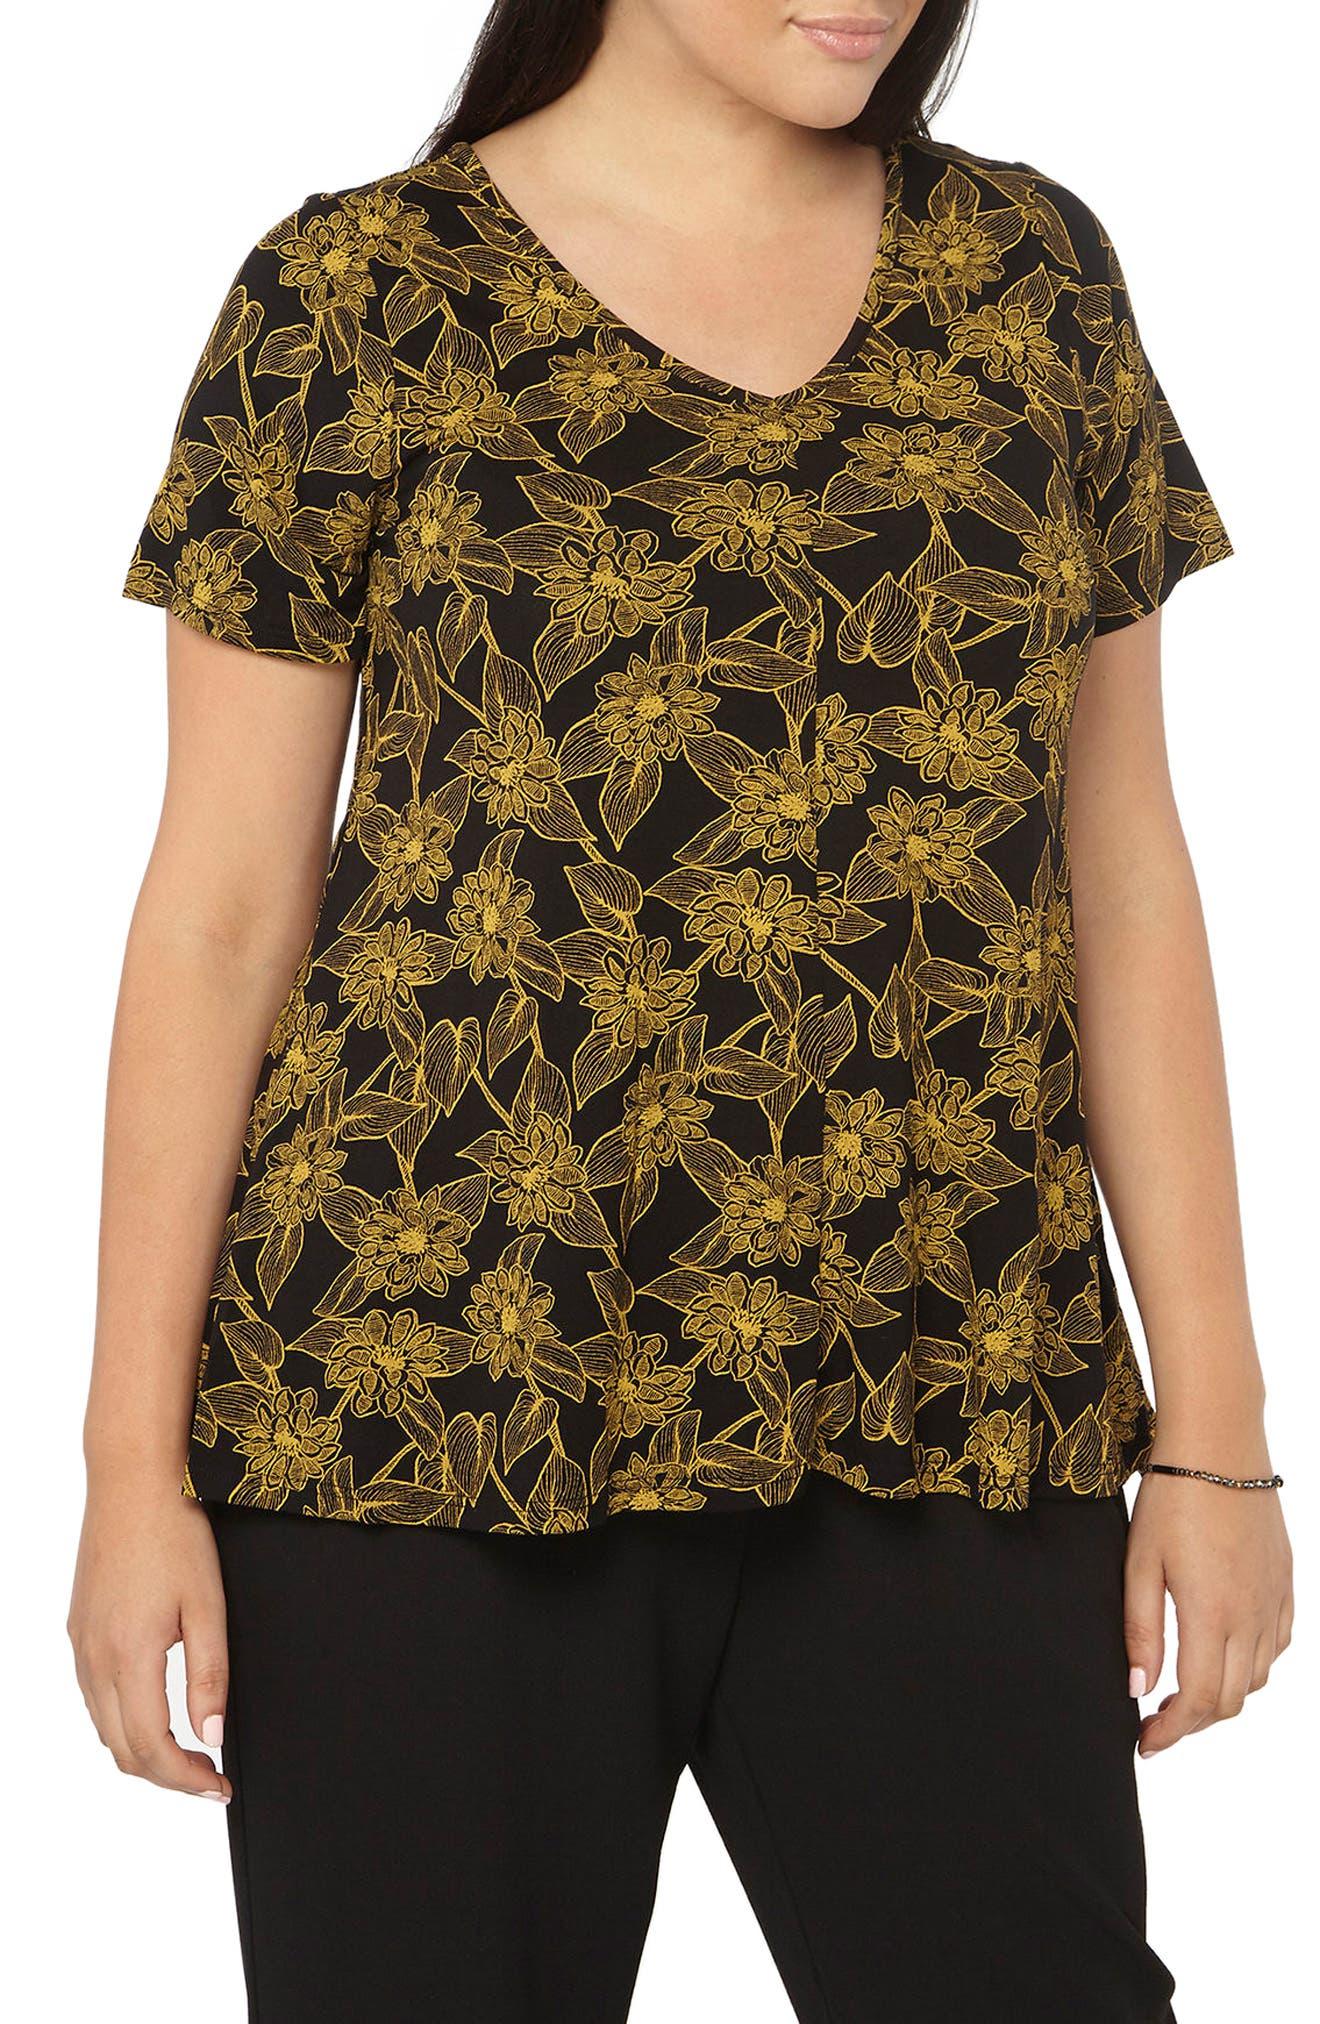 Main Image - Evans Floral Print Top (Plus Size)